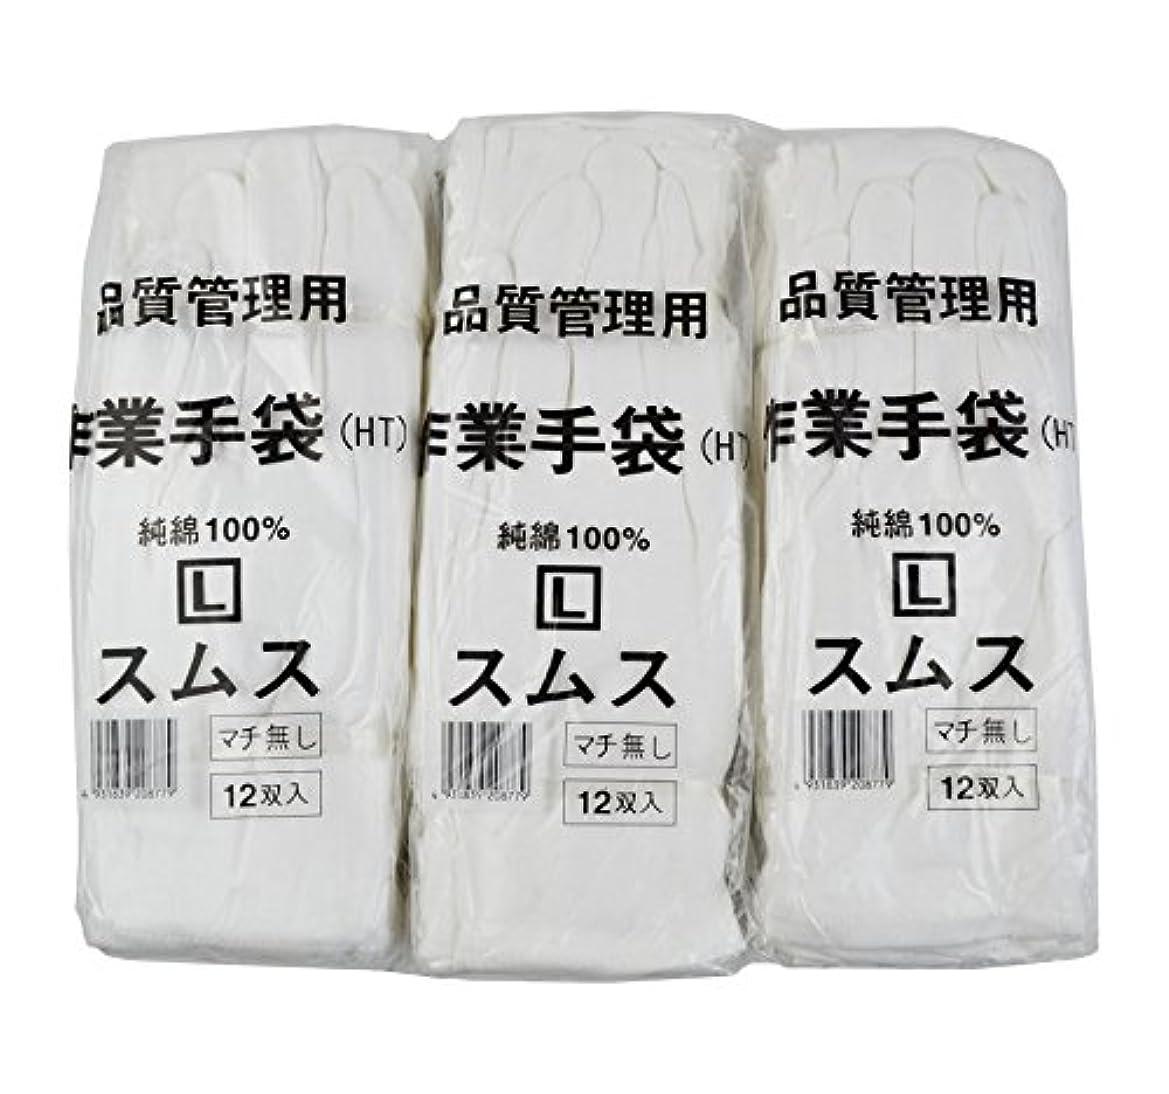 状制約恐ろしい【お得なセット売り】(36双) 純綿100% スムス 手袋 Lサイズ 12双×3袋セット 大人用 多用途 101118